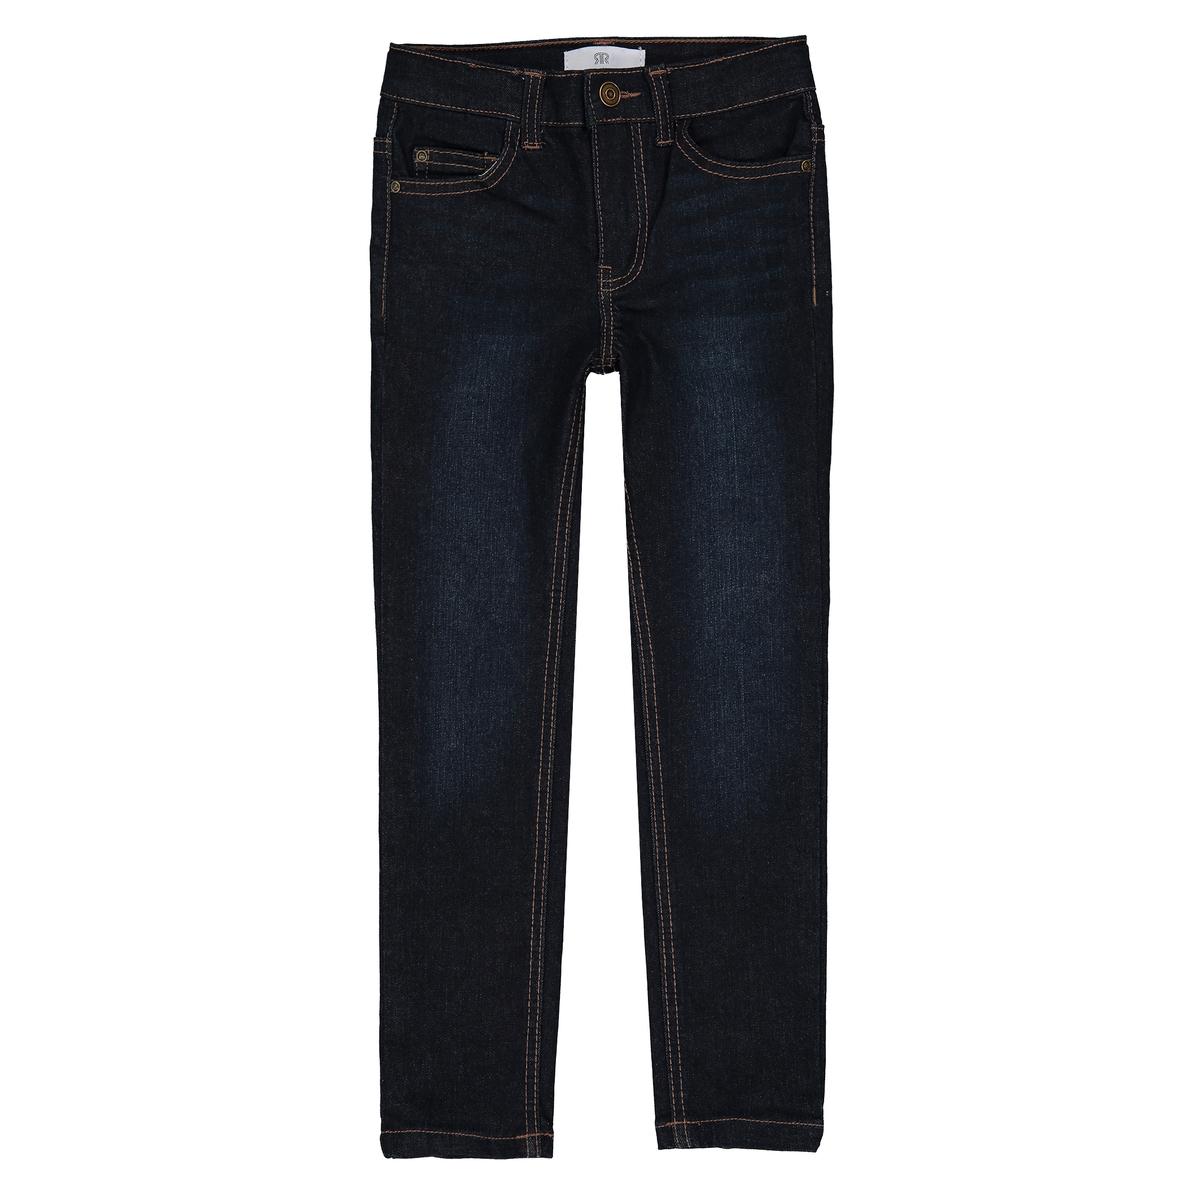 Jeans slim per morfologia larga 3 - 12 anni